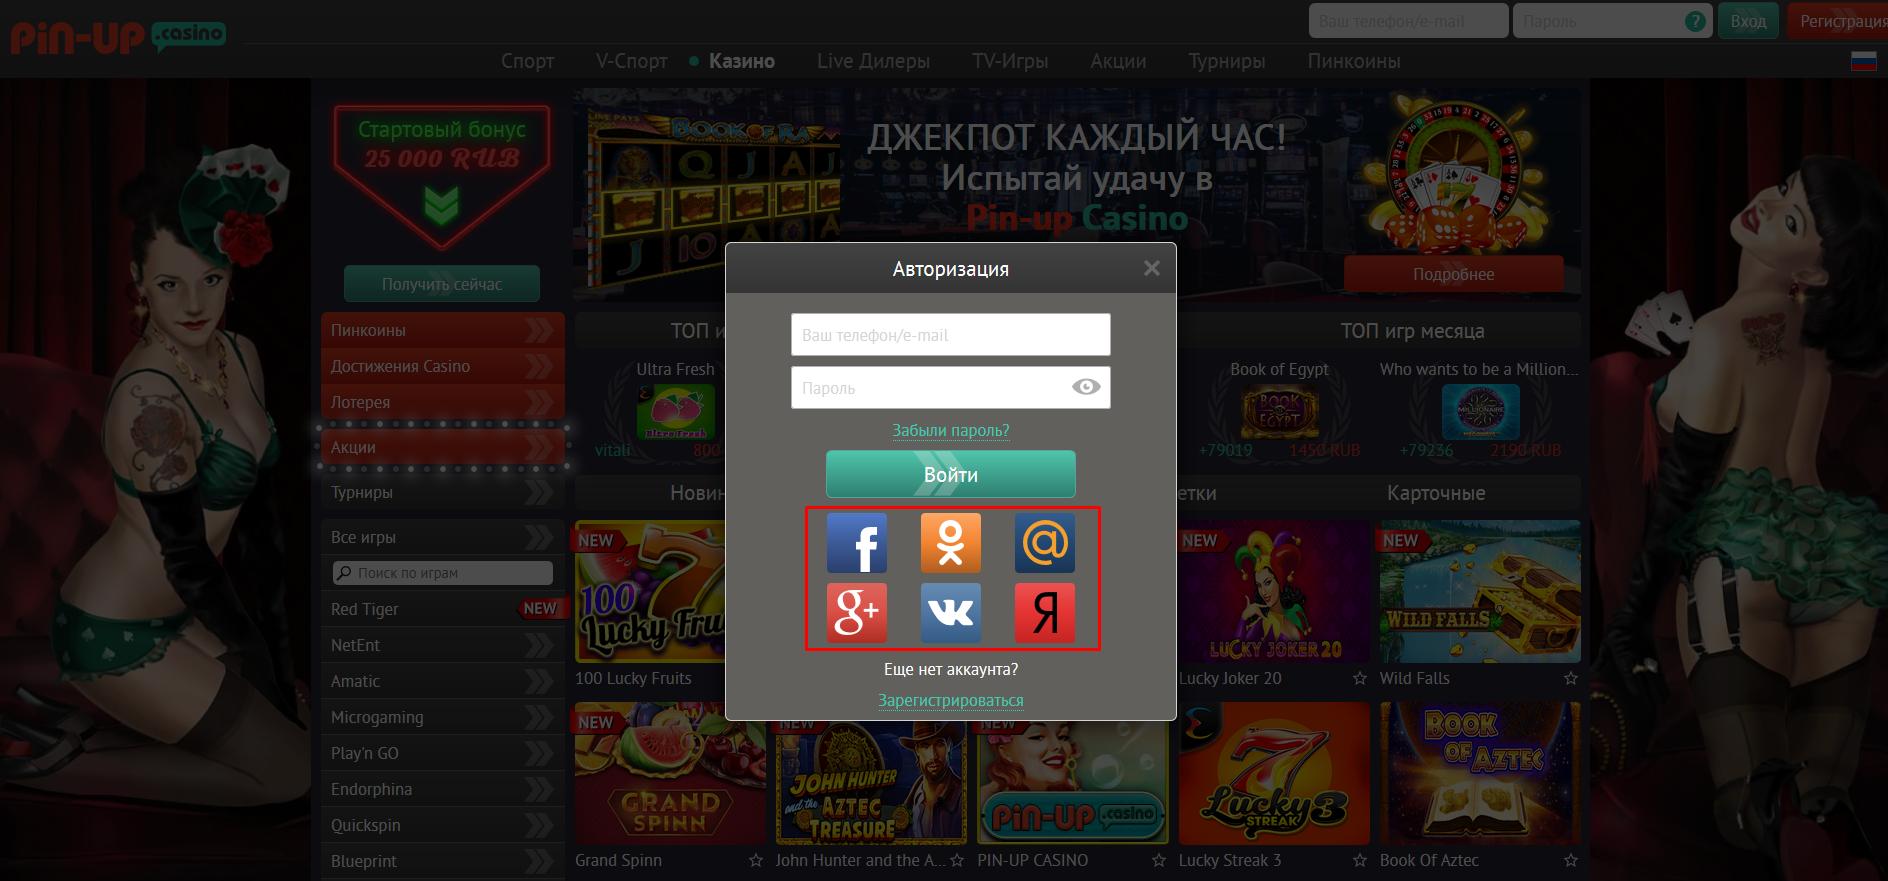 Регистрация в онлайн казино по номеру телефона